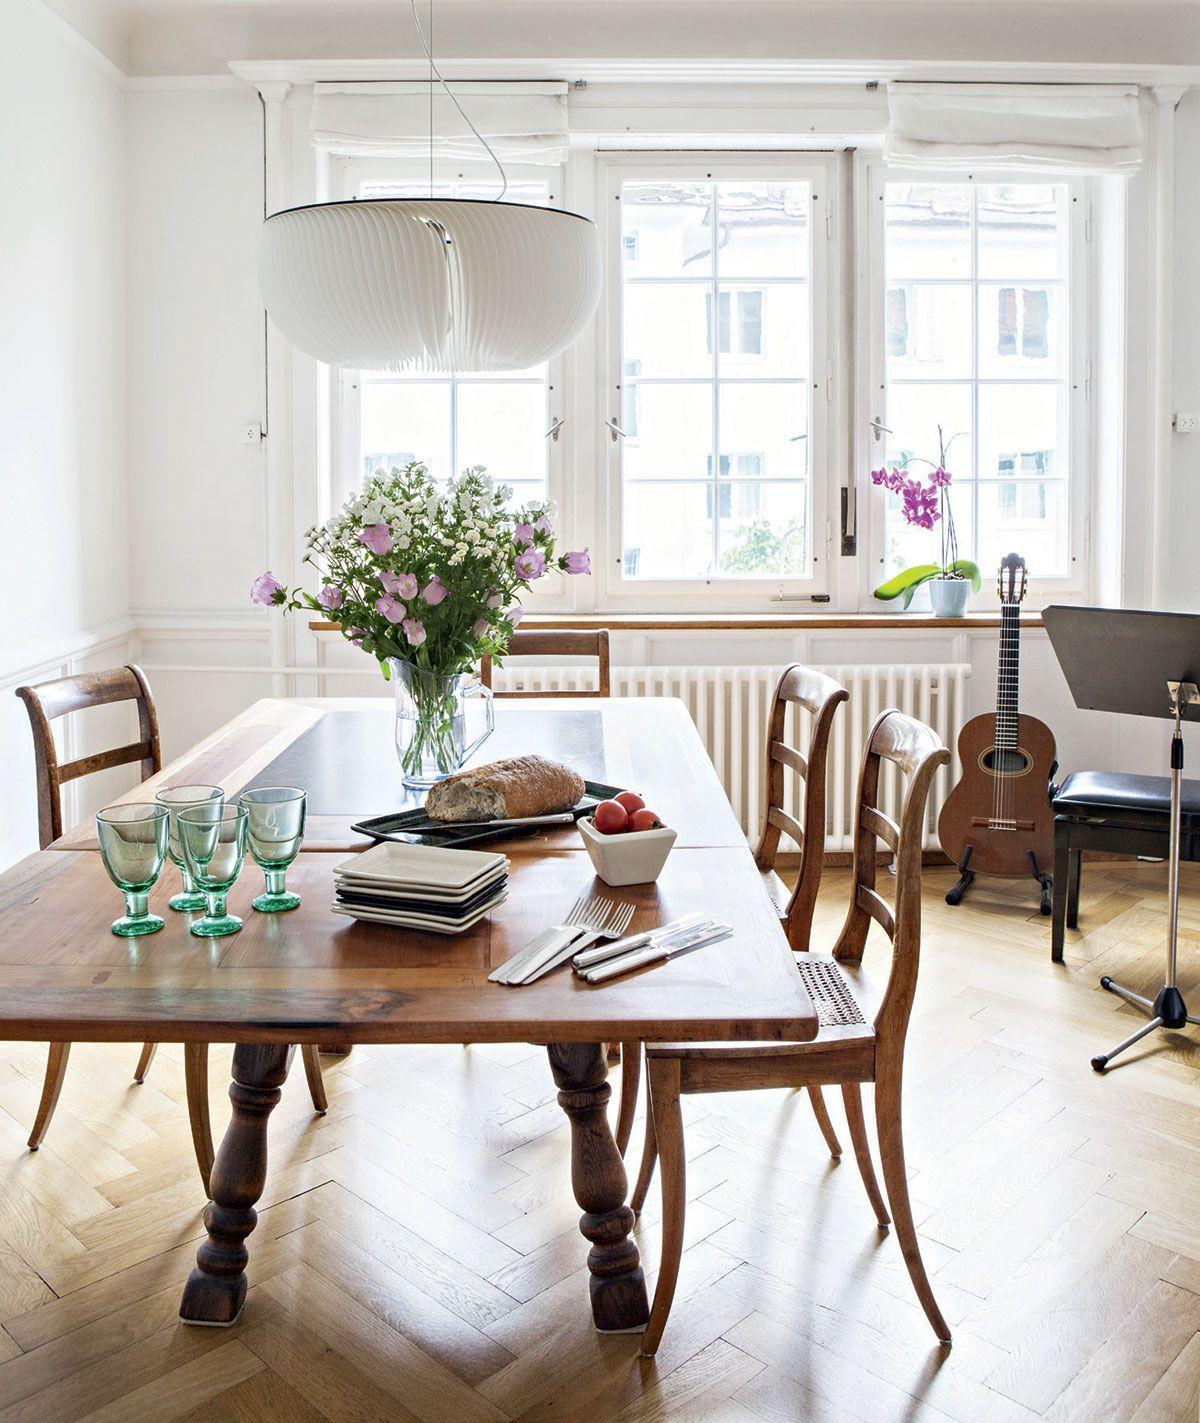 Yhdistetyssä ruoka- ja vierashuoneessa on vanha, leveä kalanruotoparketti. Jykevä ruokapöytä on ex-anopilta ja biedermeier-tuolit Doriksen suvun perintöä. Iittalan Verna-lasit ja Zeenatin keramiikka-astiat ovat Doriksen ostoksia Suomen matkoilta. Ikkunoista on näkymä rauhalliselle kadulle.